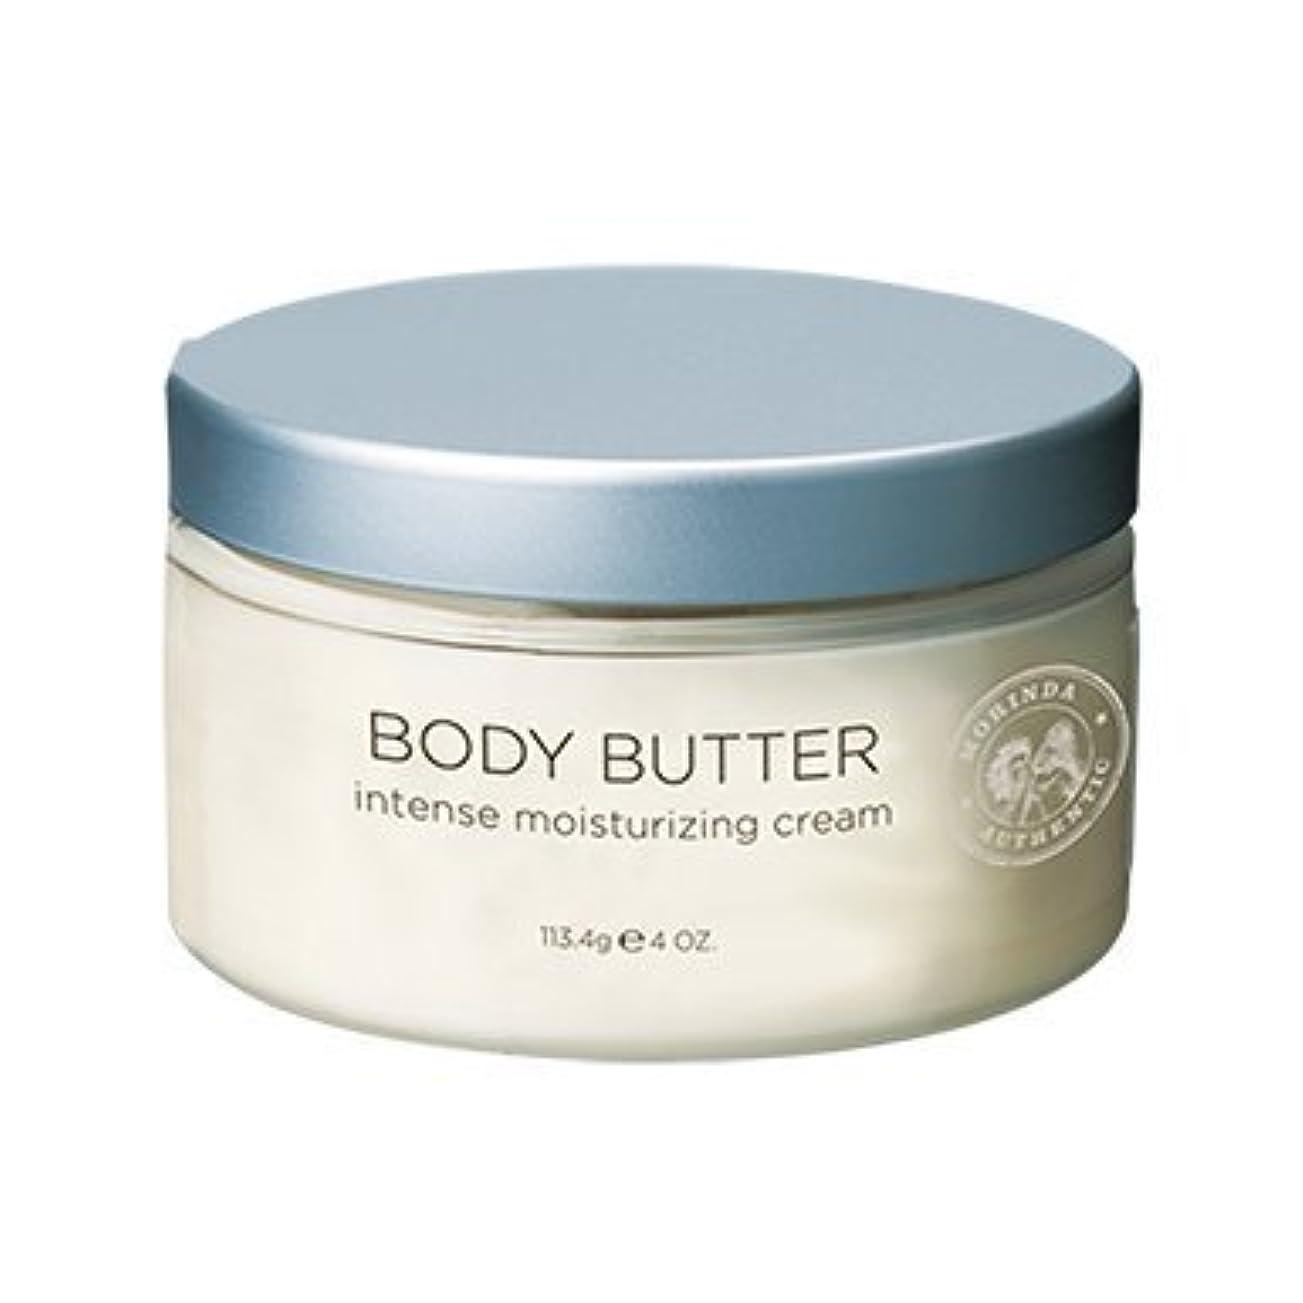 原告郵便番号靴下モリンダ MORINDA ボディー バター ボディ用 クリーム タヒチアンノニ Body Butter Cream